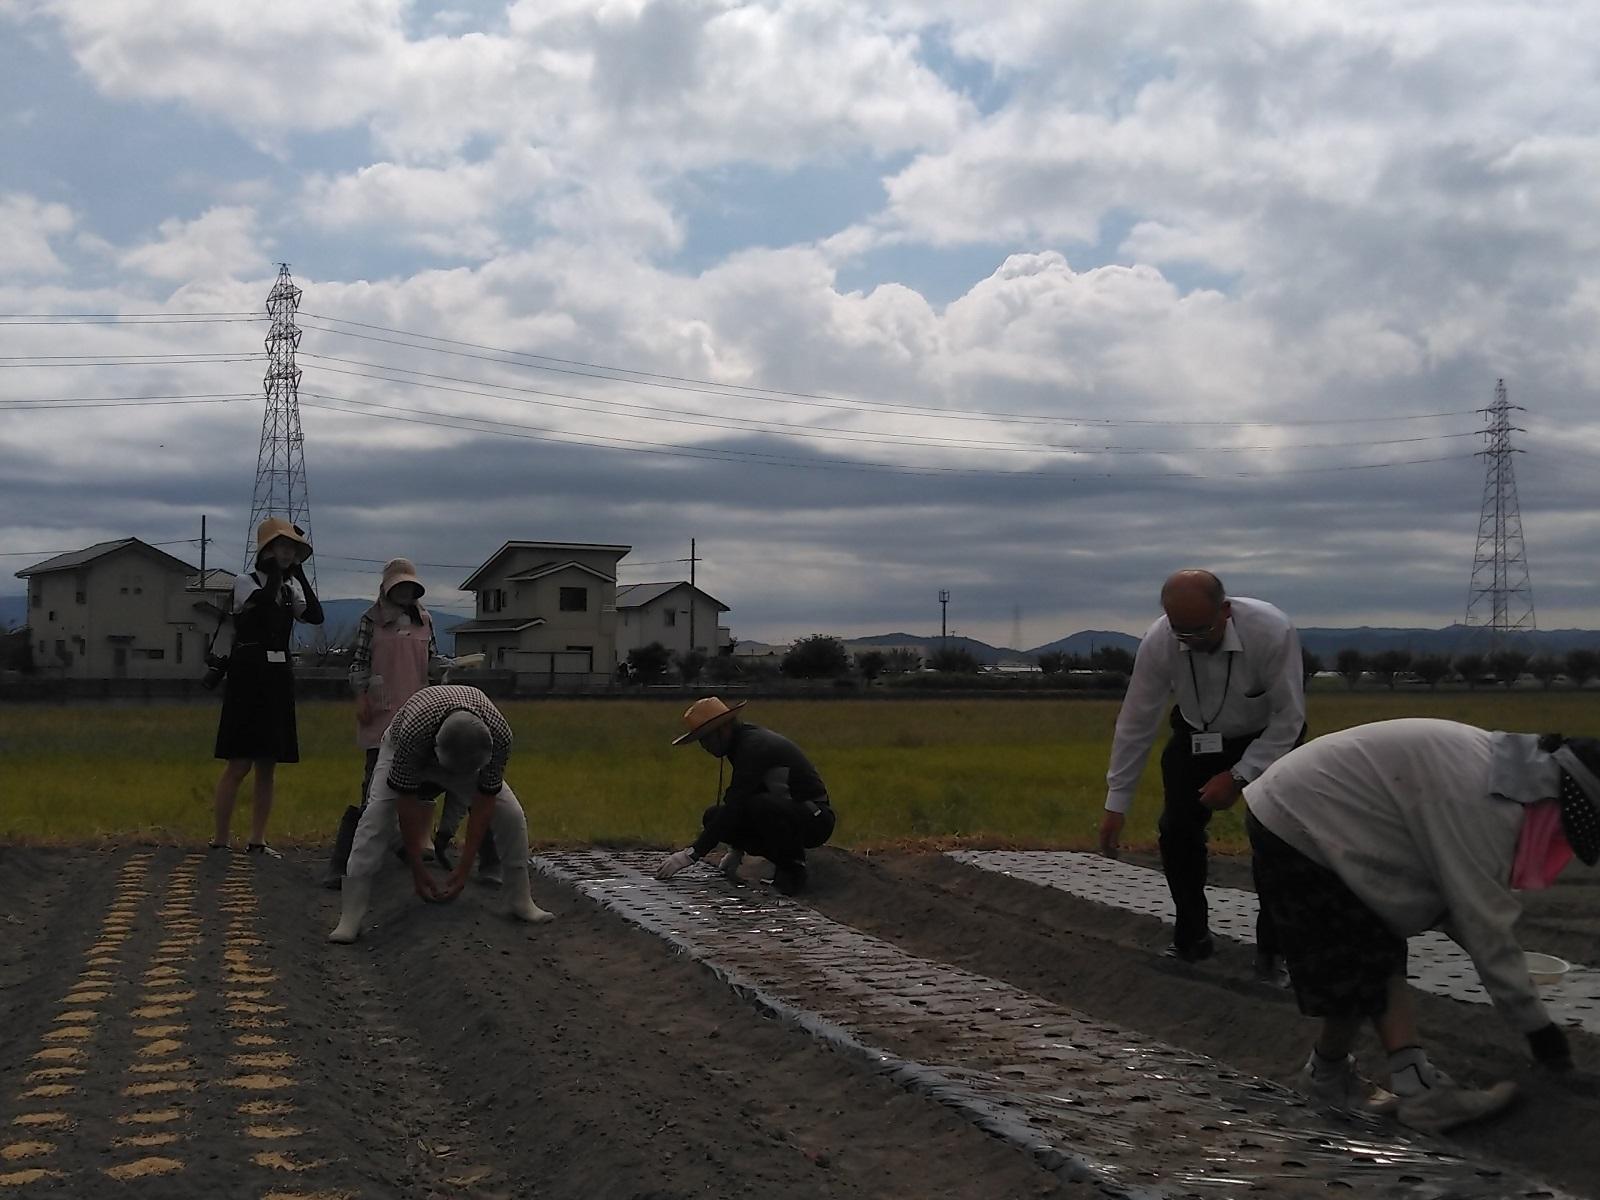 2019.9.19 (1) 農業実習 - 実習ふうけい 1600-1200